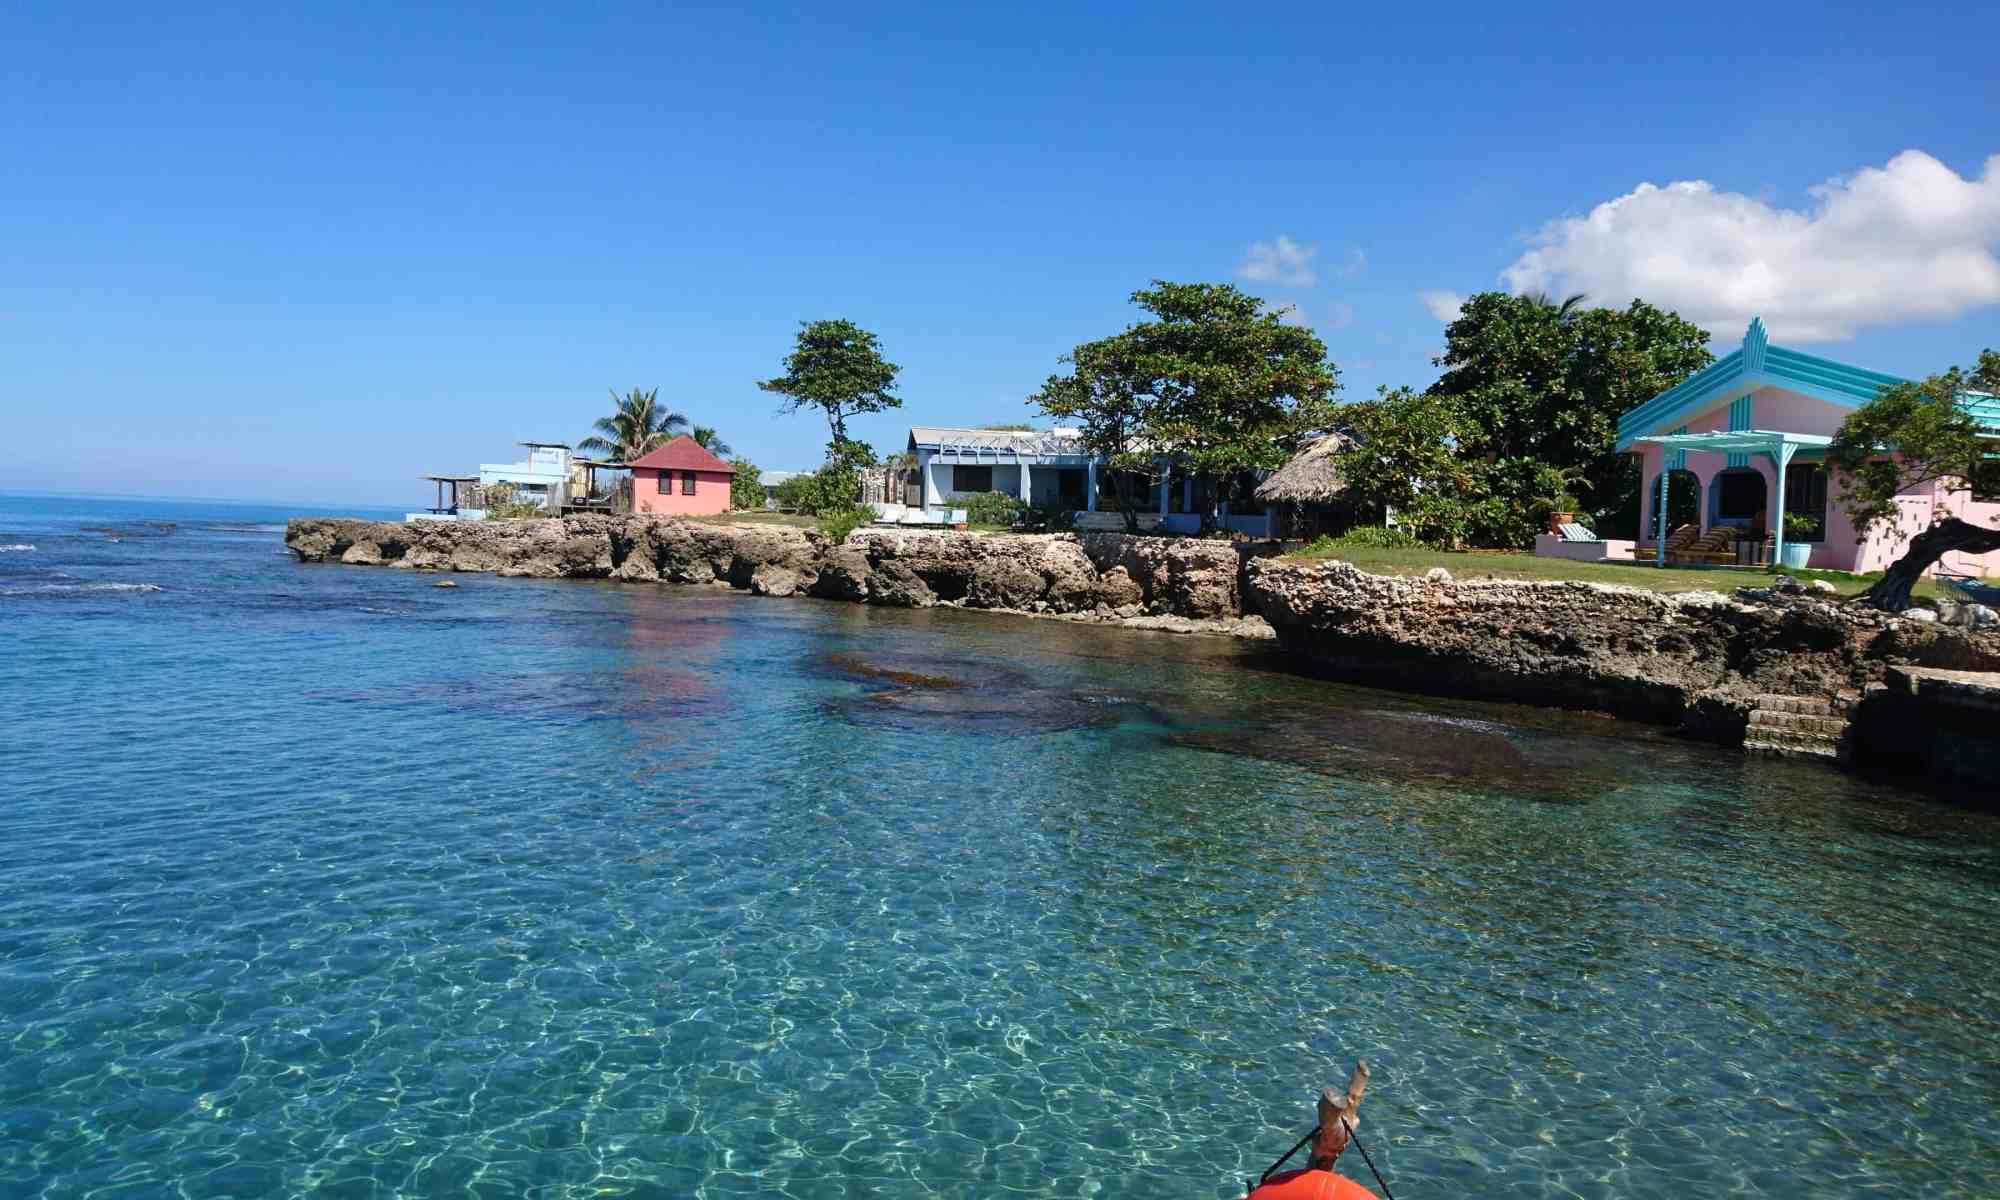 Ocean View Properties - Jakes Hotel